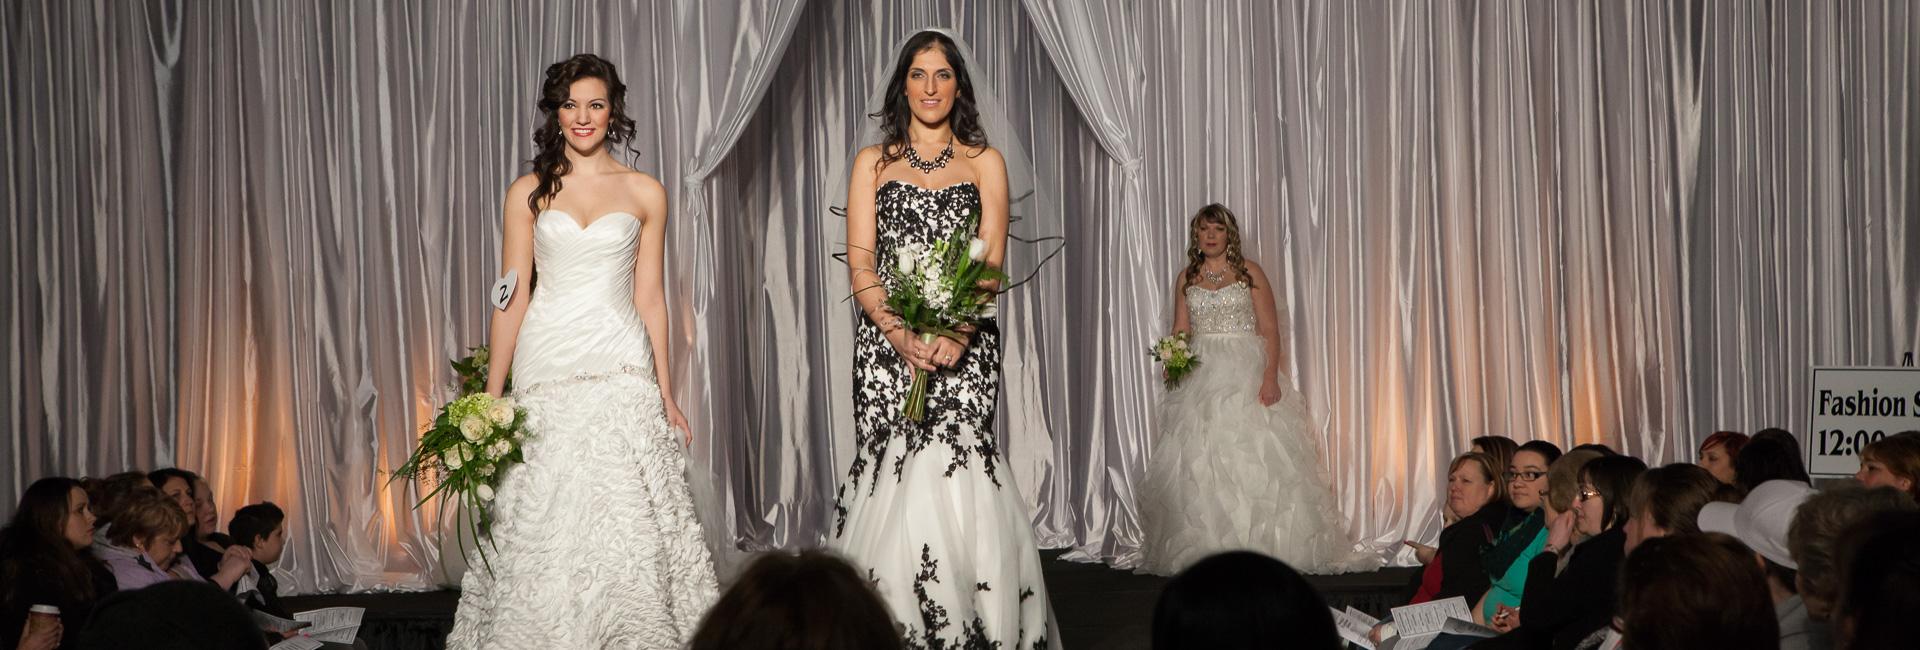 Fashion show at the Oregon Wedding Showcase in Salem, OR